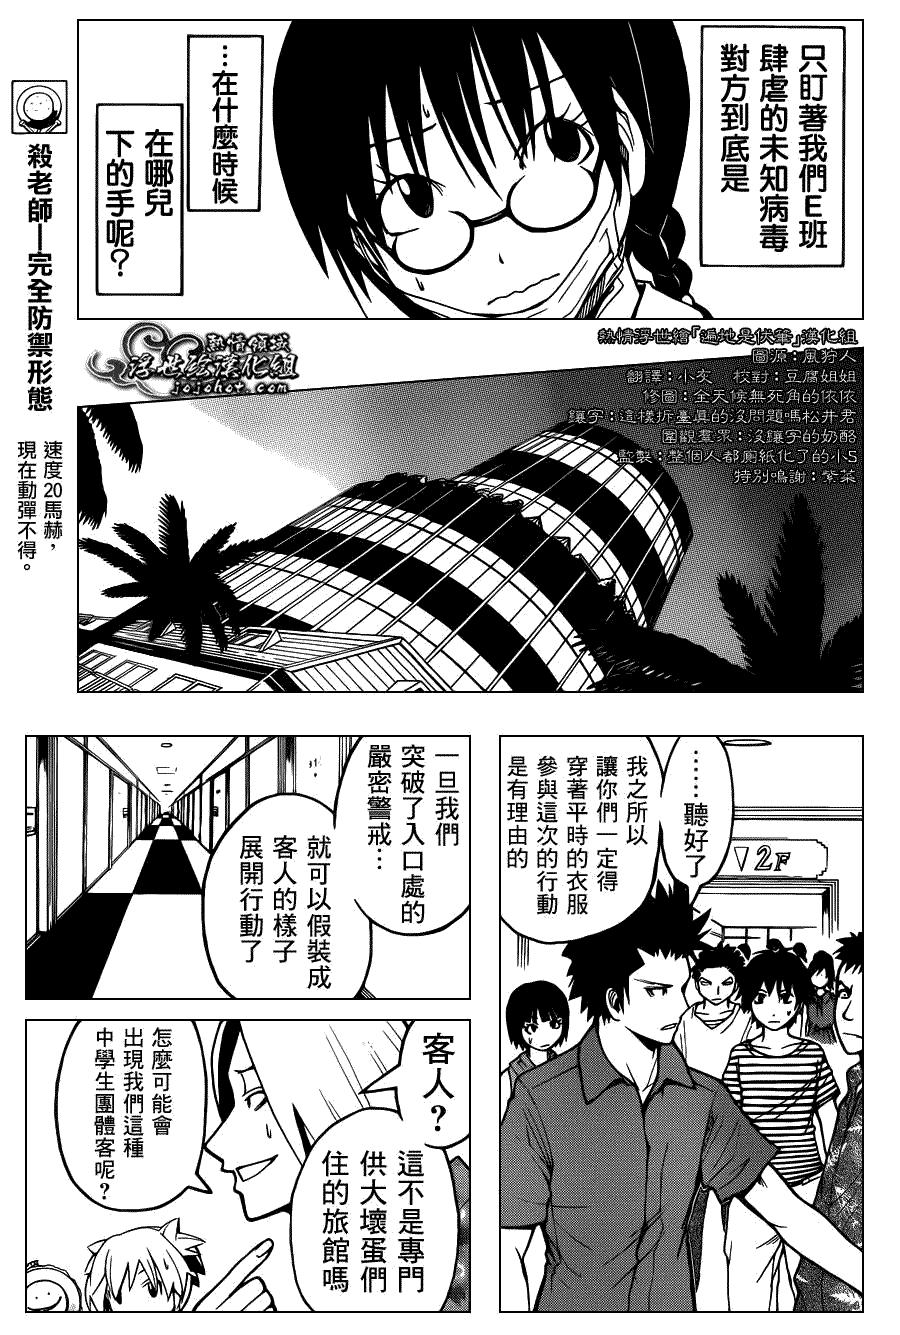 暗殺教室: 63話 - 第3页